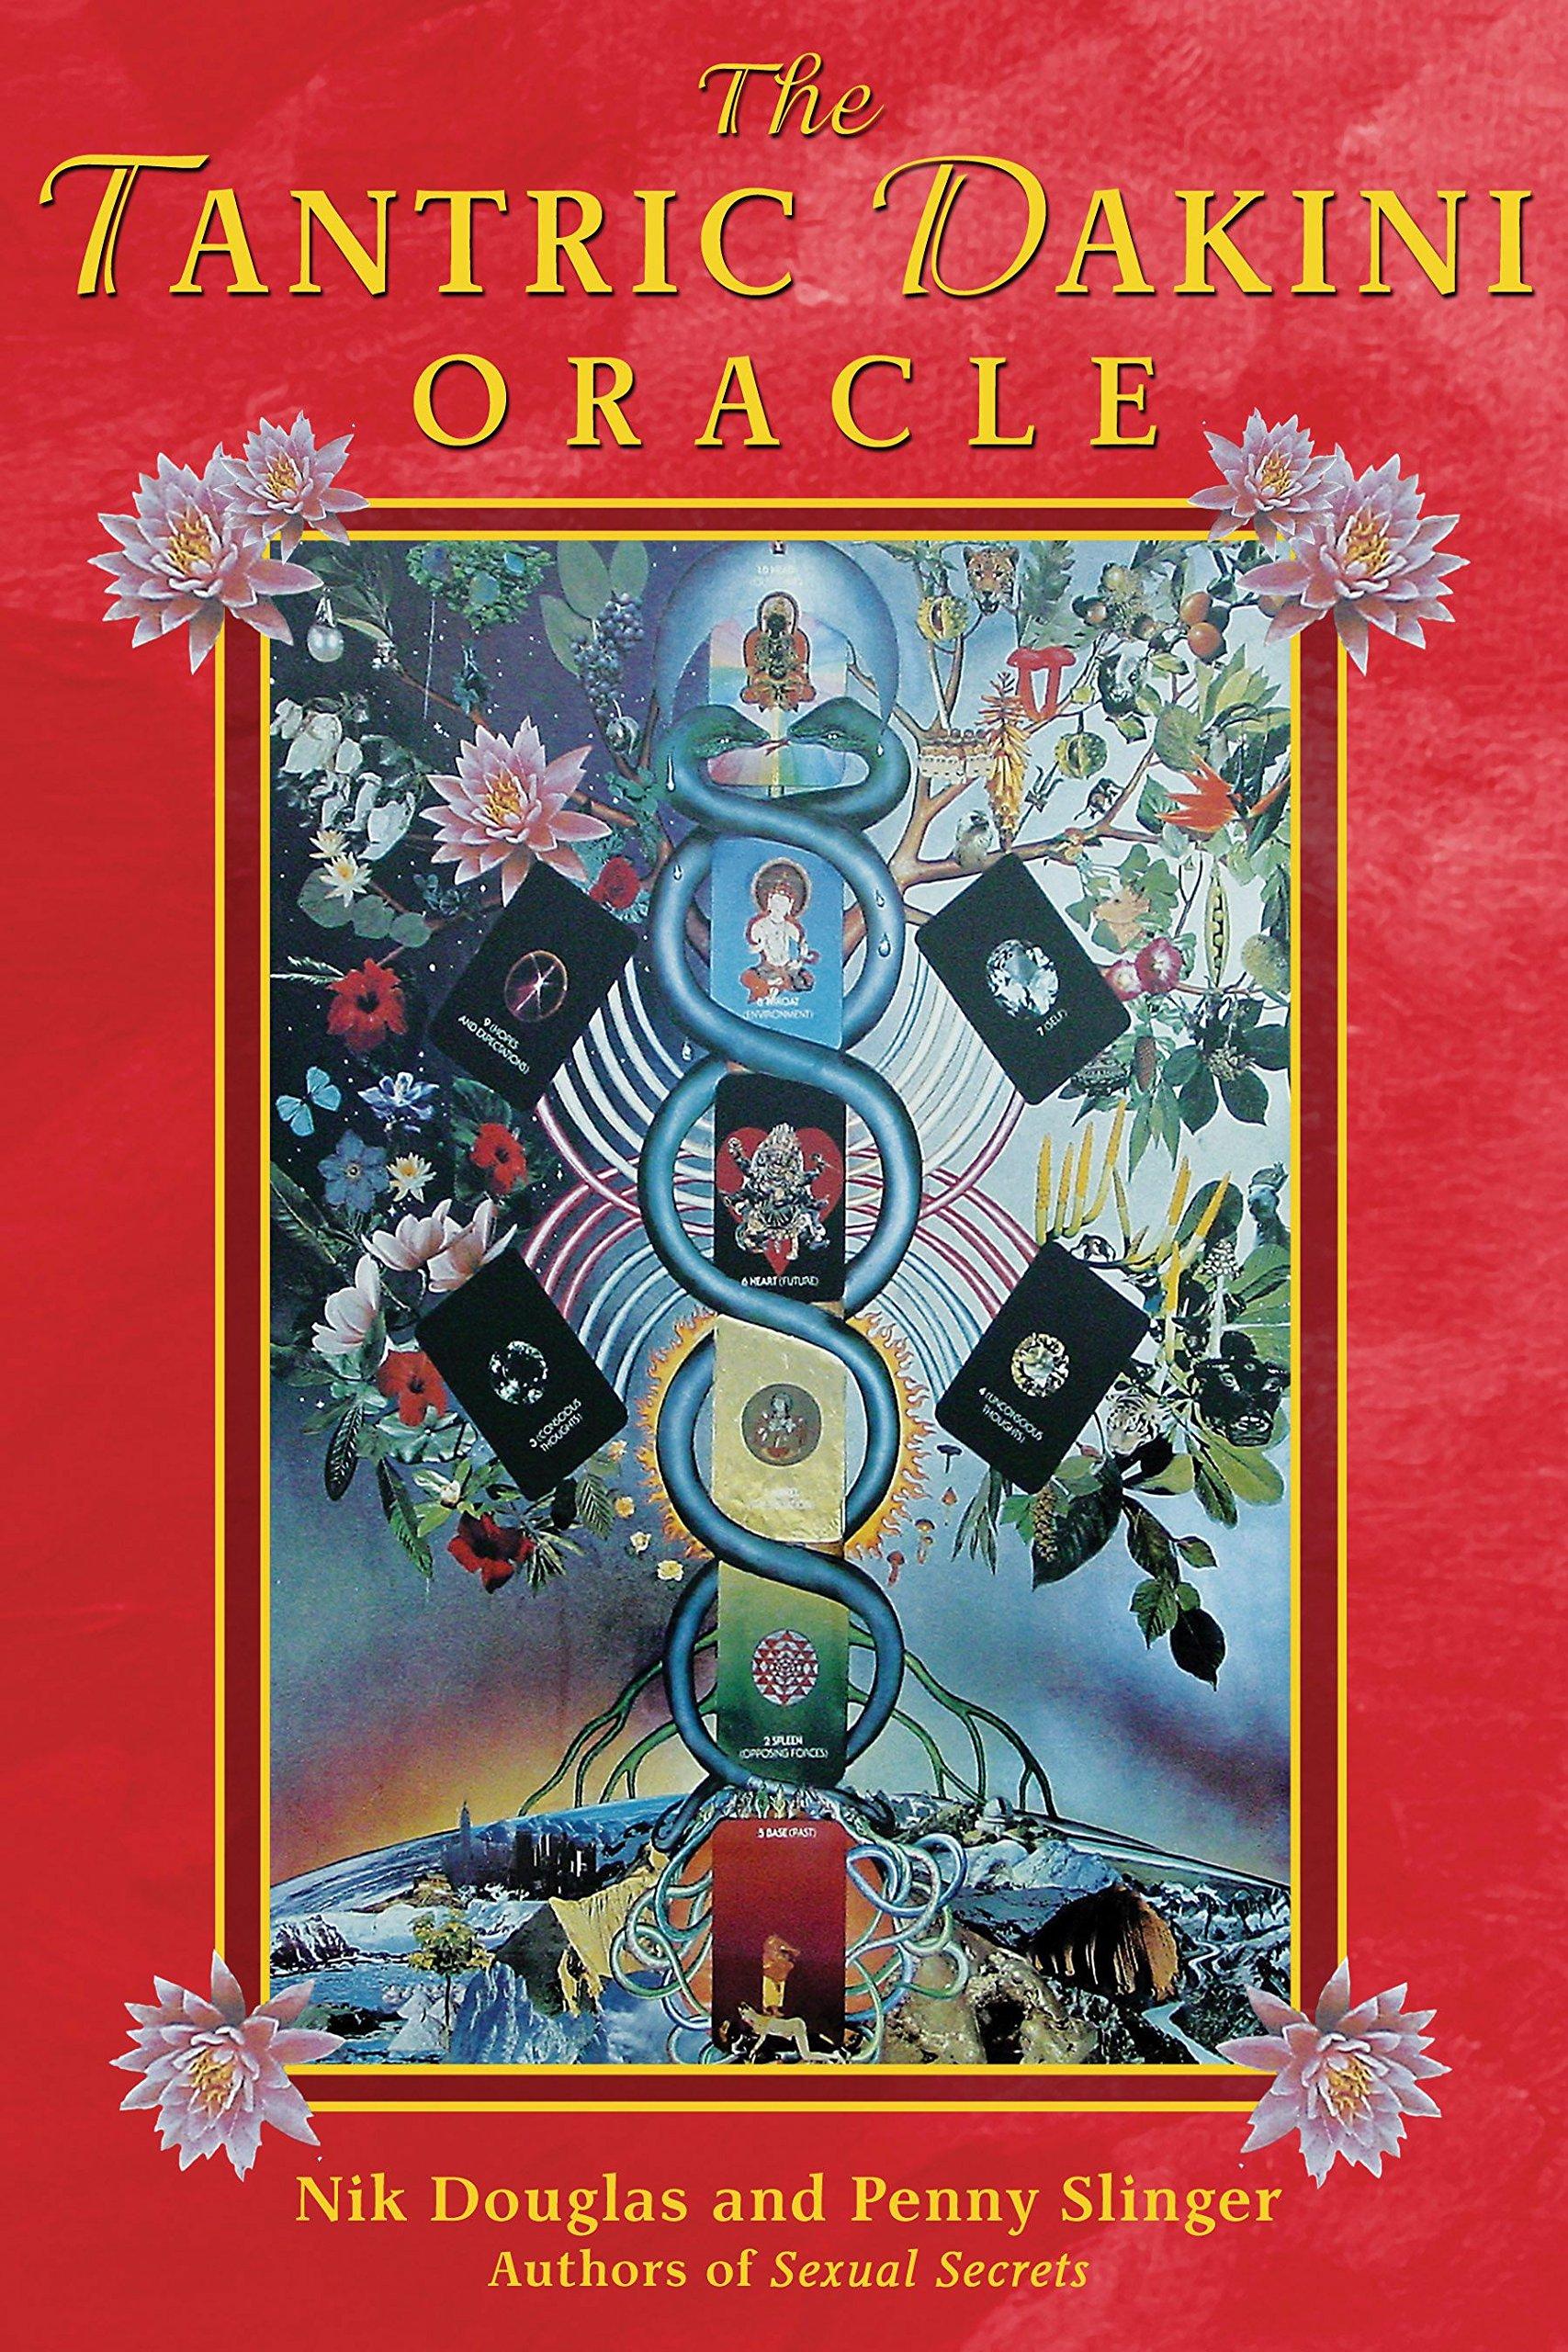 The Tantric Dakini Oracle: Amazon.es: Nik Douglas, Penny ...